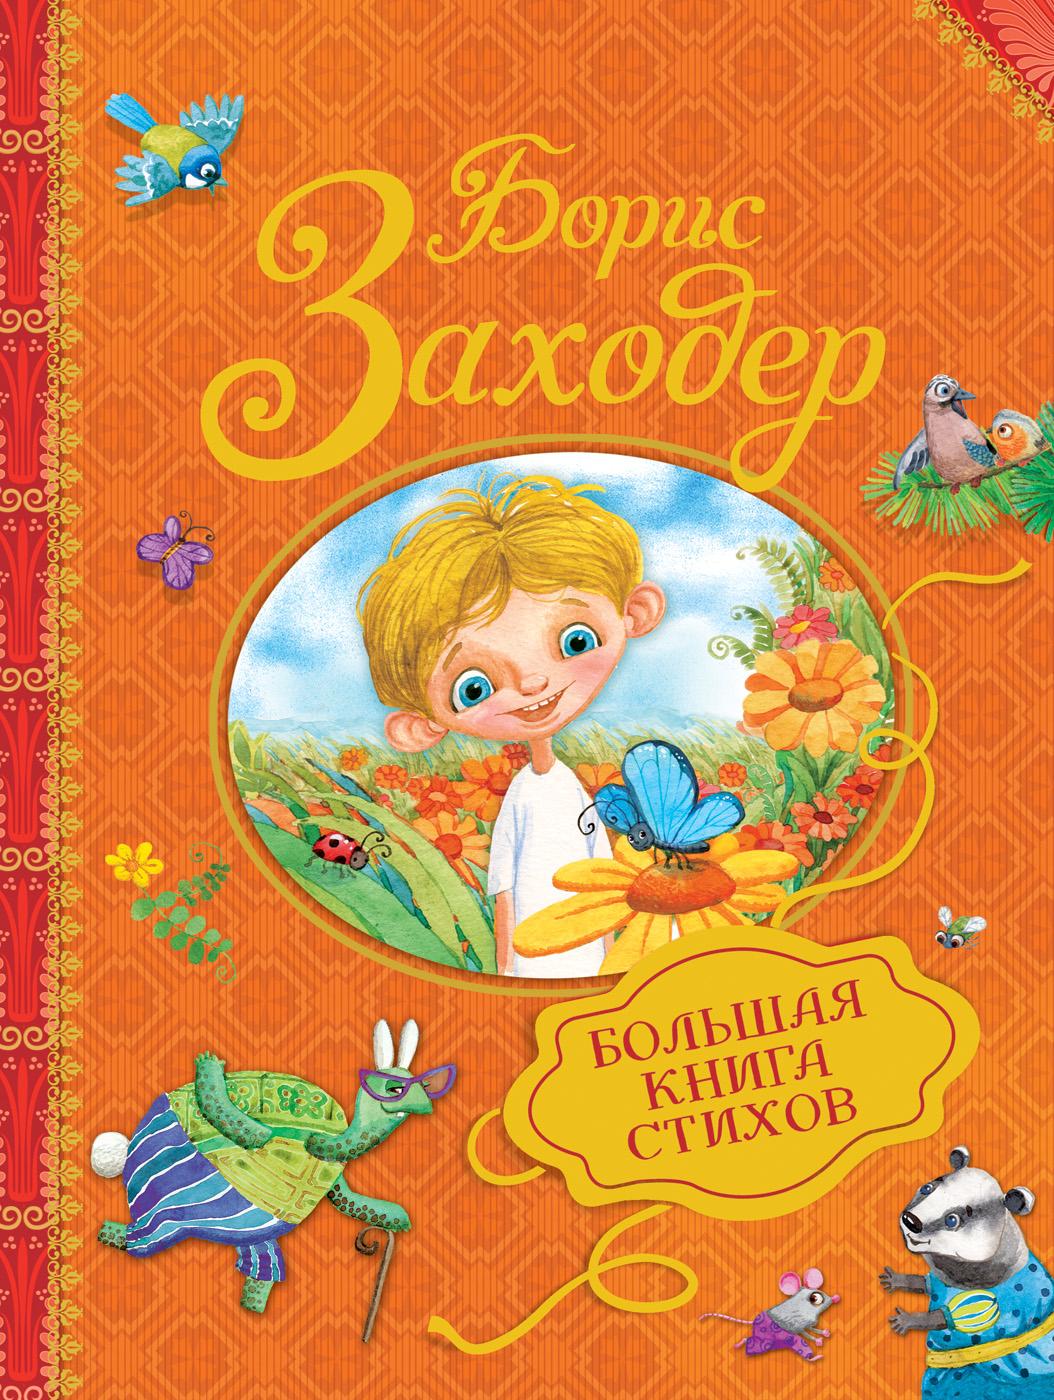 Борис Заходер Большая книга стихов